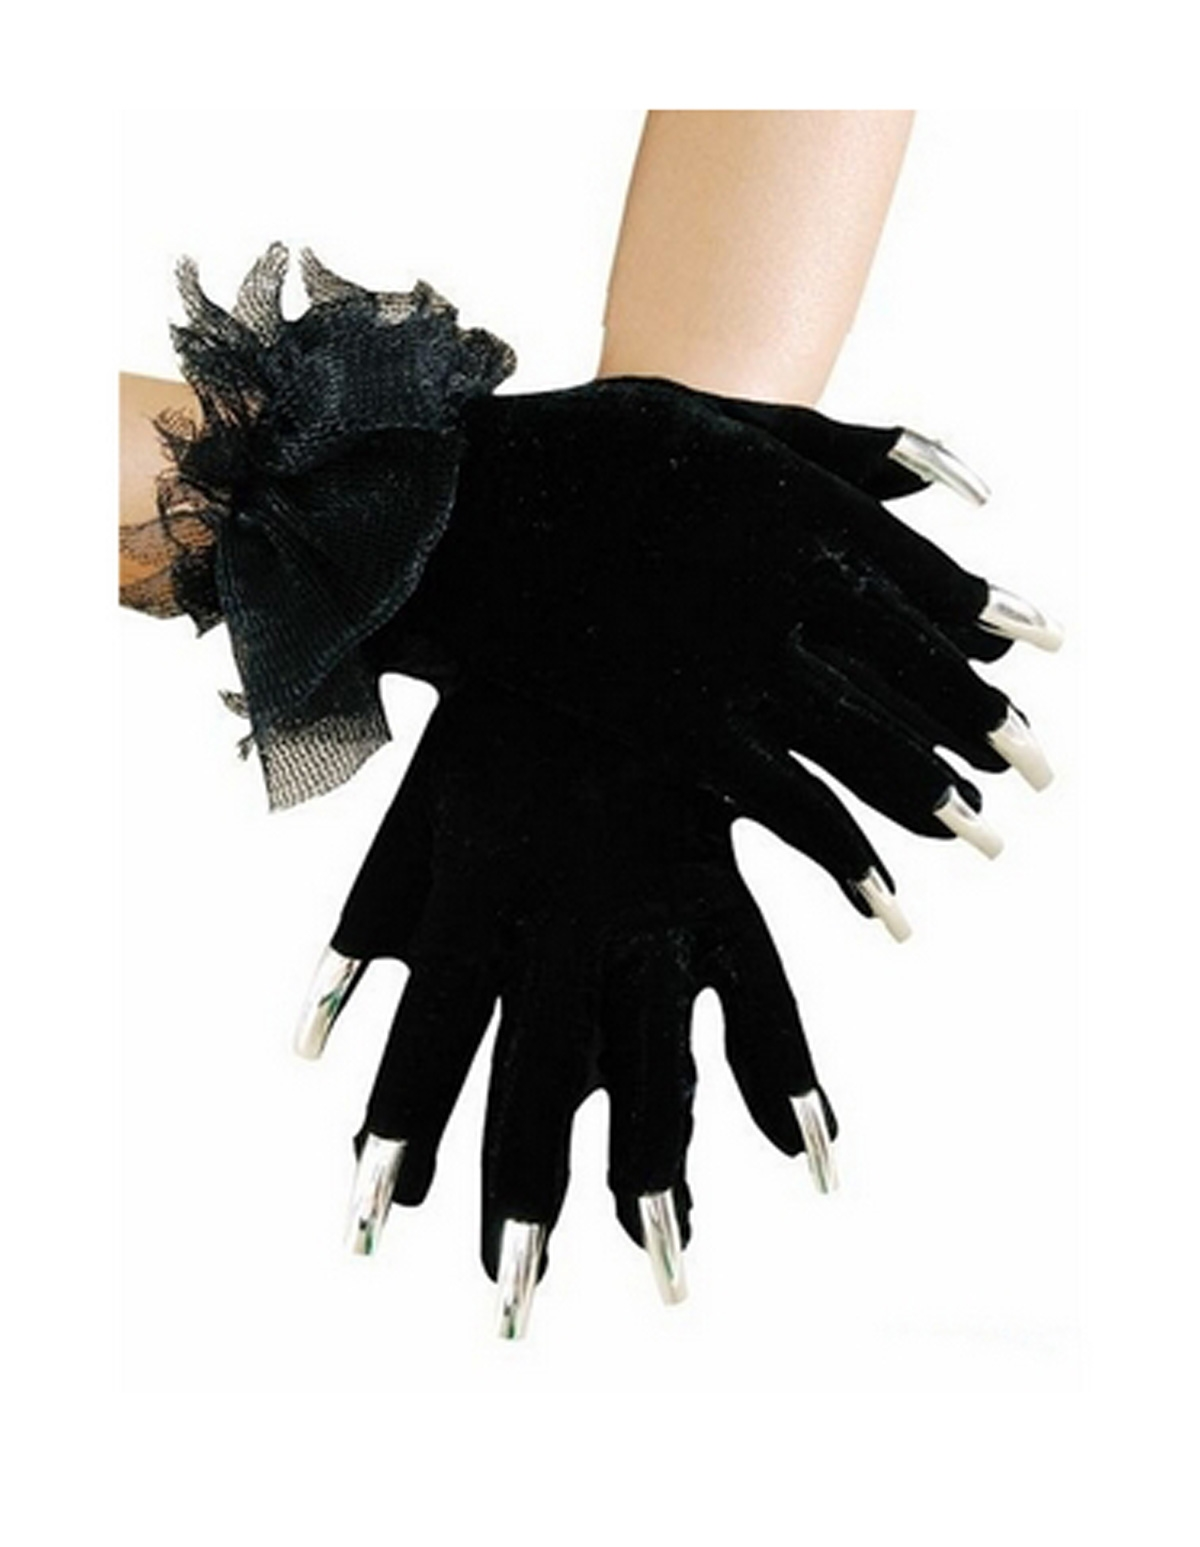 Spider Gloves